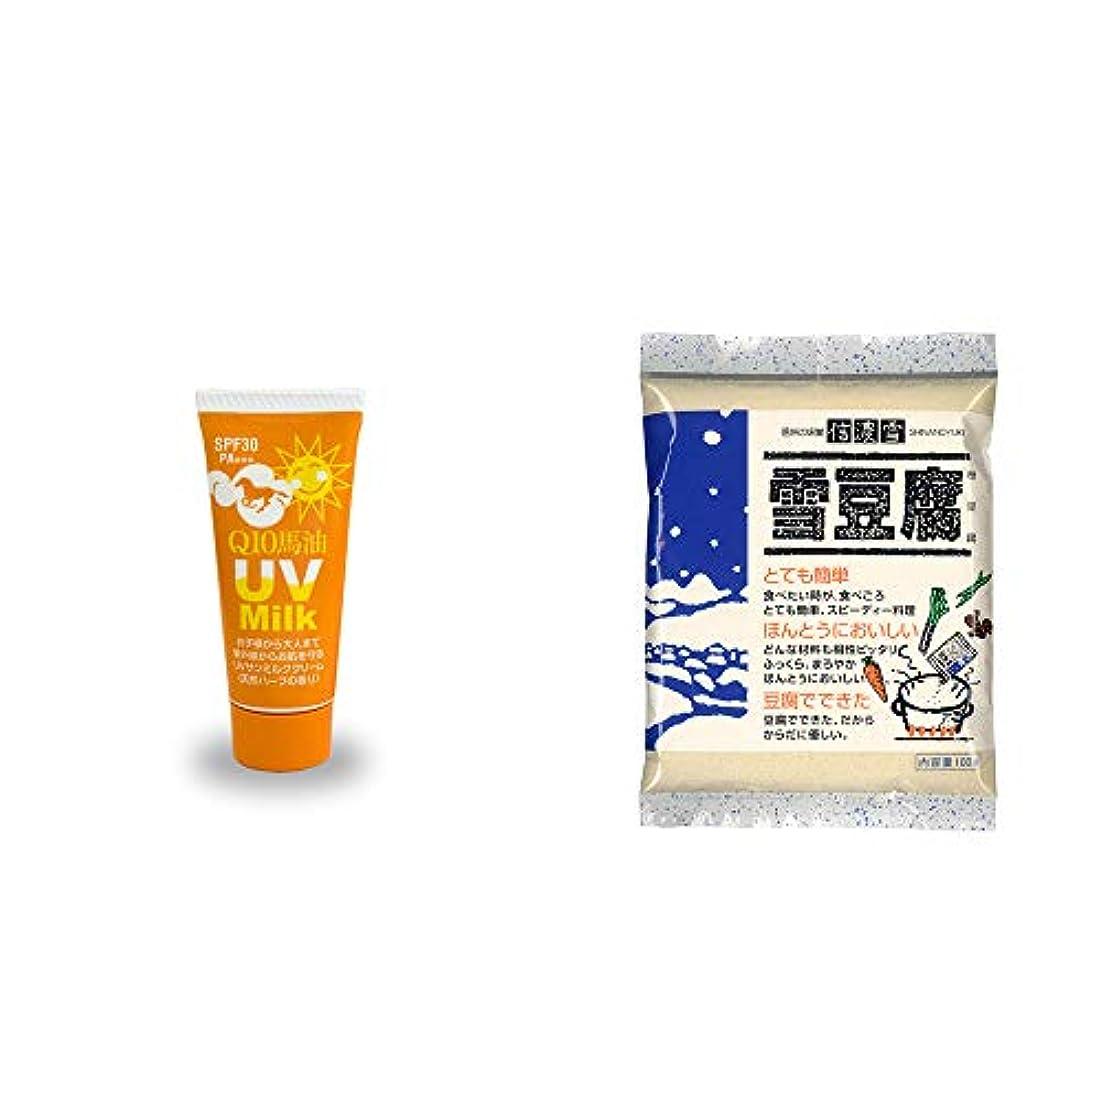 知覚的モンゴメリーサイレント[2点セット] 炭黒泉 Q10馬油 UVサンミルク[天然ハーブ](40g)?信濃雪 雪豆腐(粉豆腐)(100g)